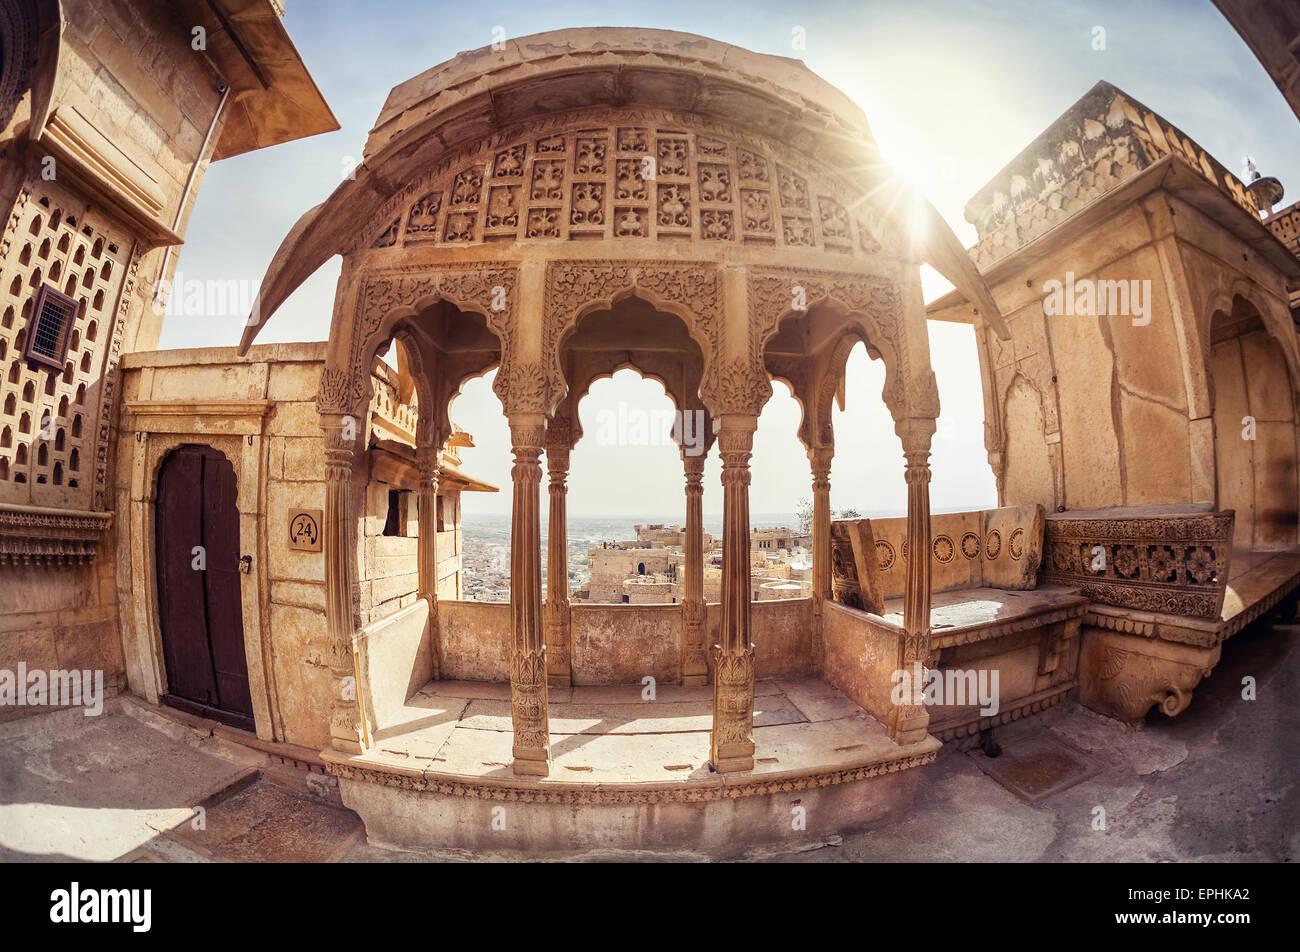 Zenana Mahal dans City Palace Museum de fort Jaisalmer, Rajasthan, India Photo Stock